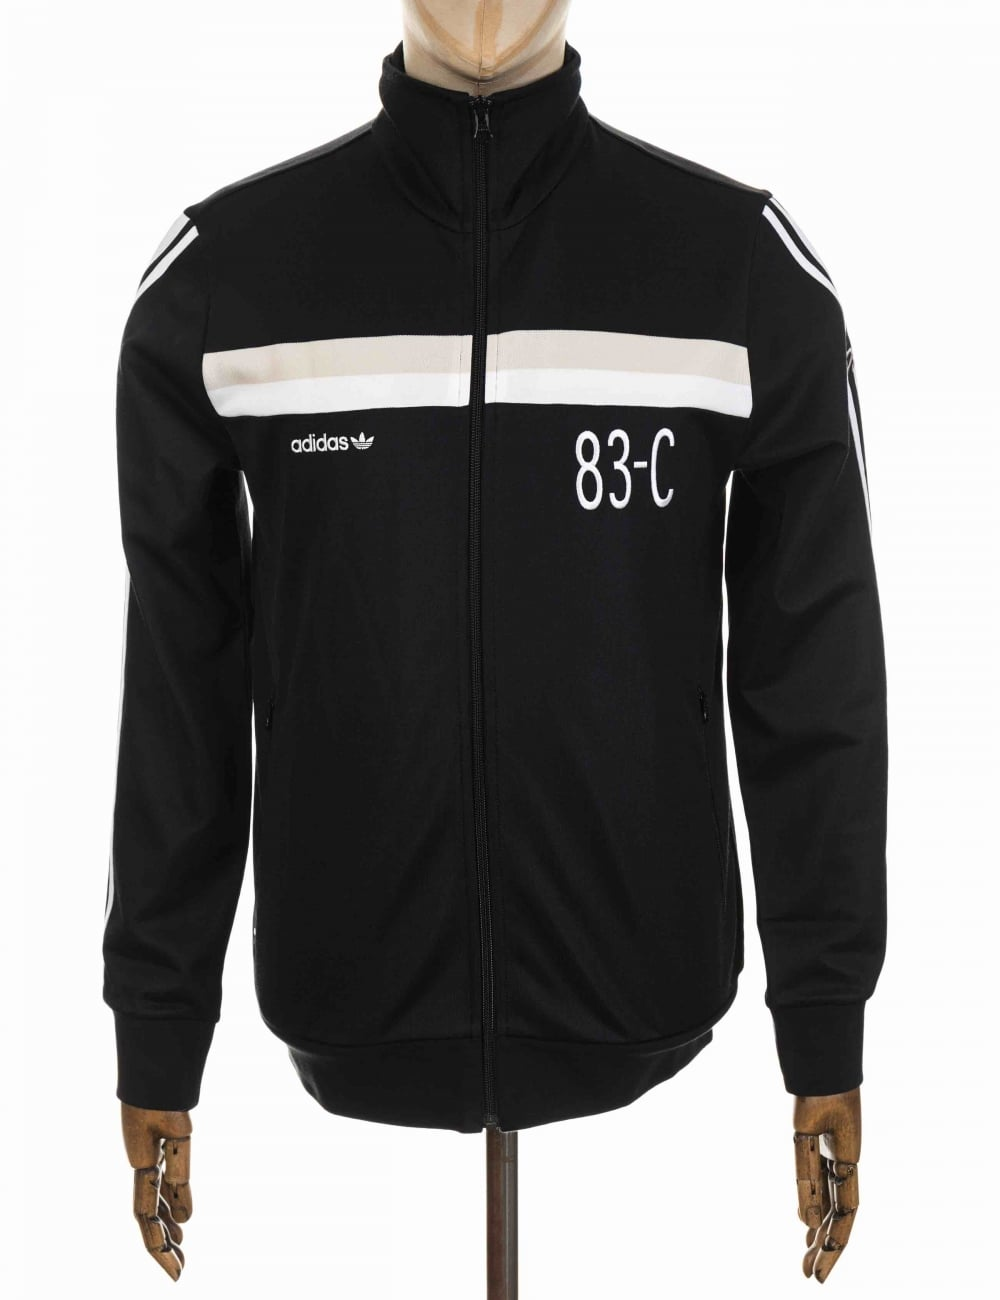 save off 2107e b7ebe Adidas Originals 83-C Track Top - Black